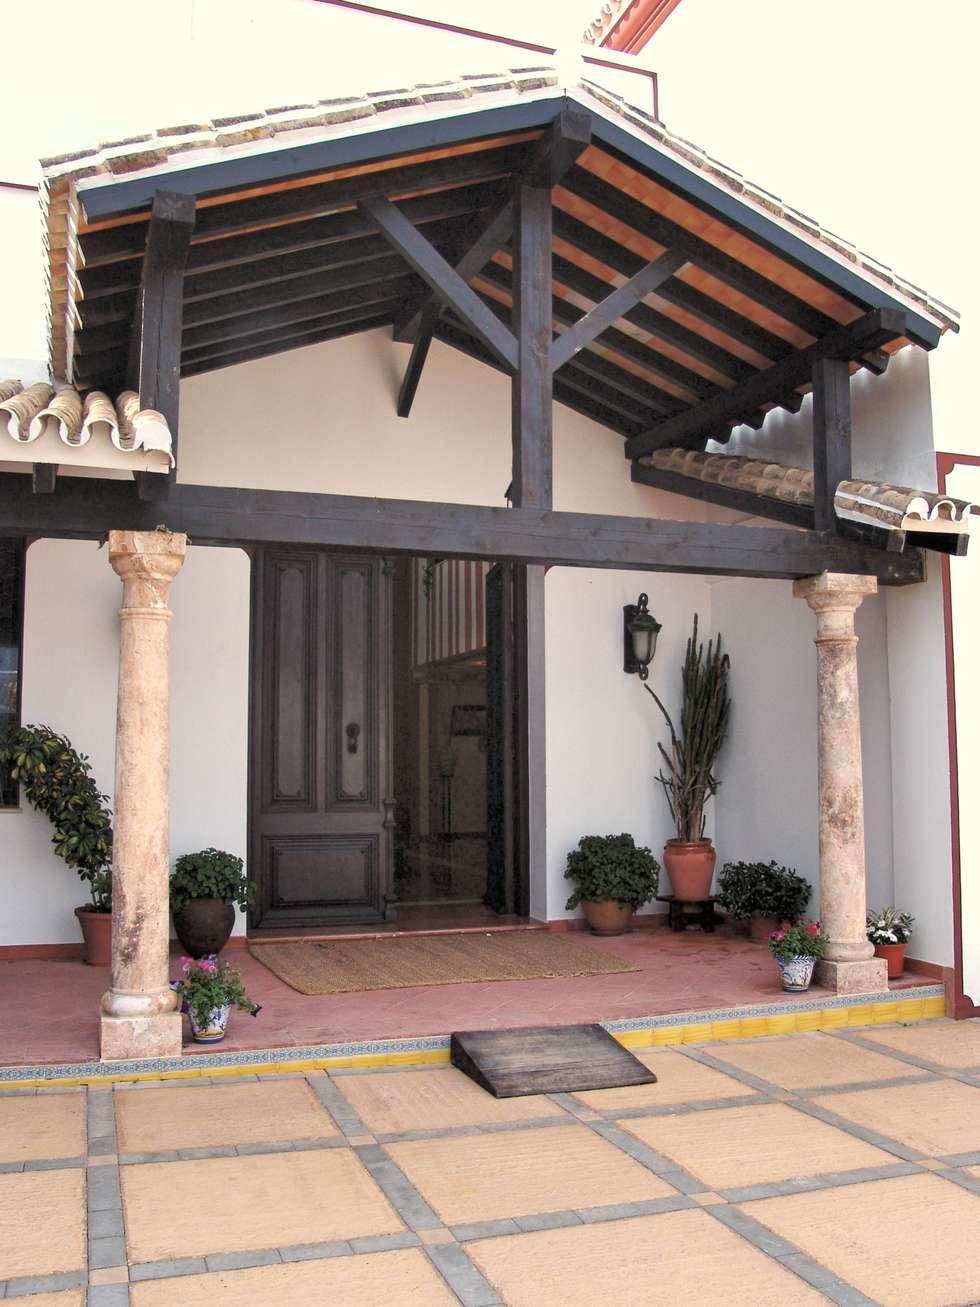 Tejado de madera con piedra y vigas de madera con tejado - Estructura tejado madera ...